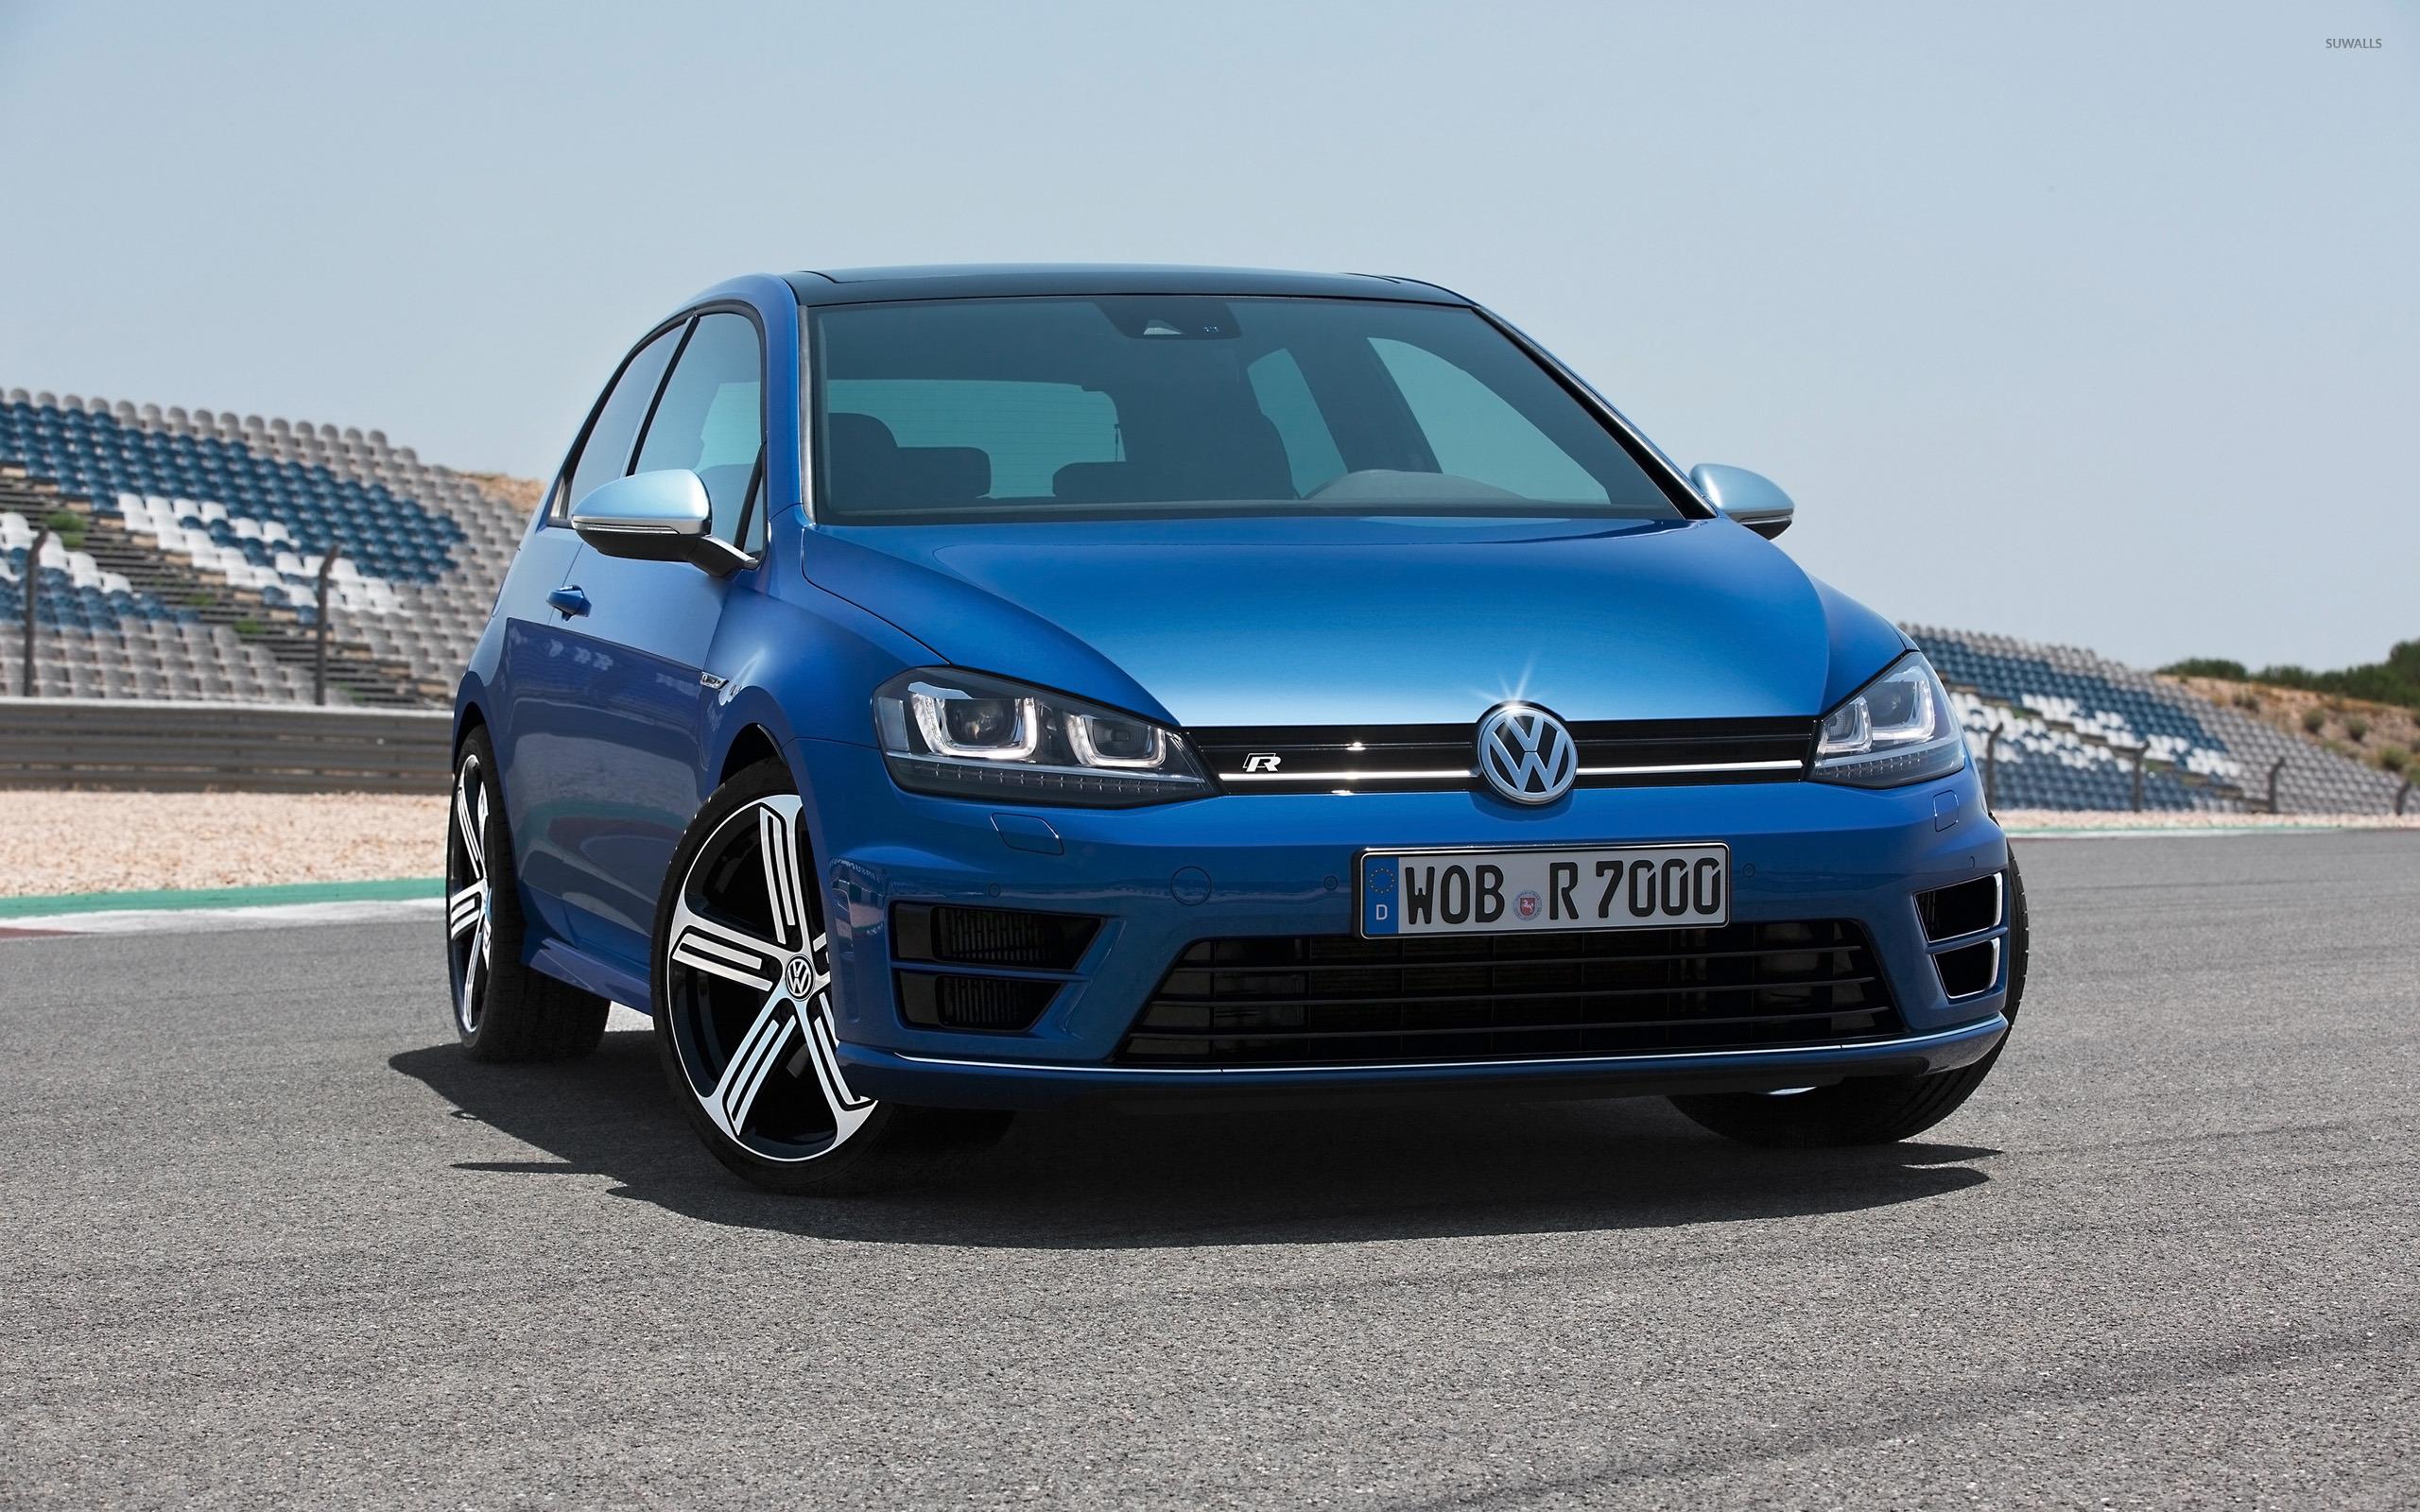 2014 Volkswagen Golf R 2 Wallpaper